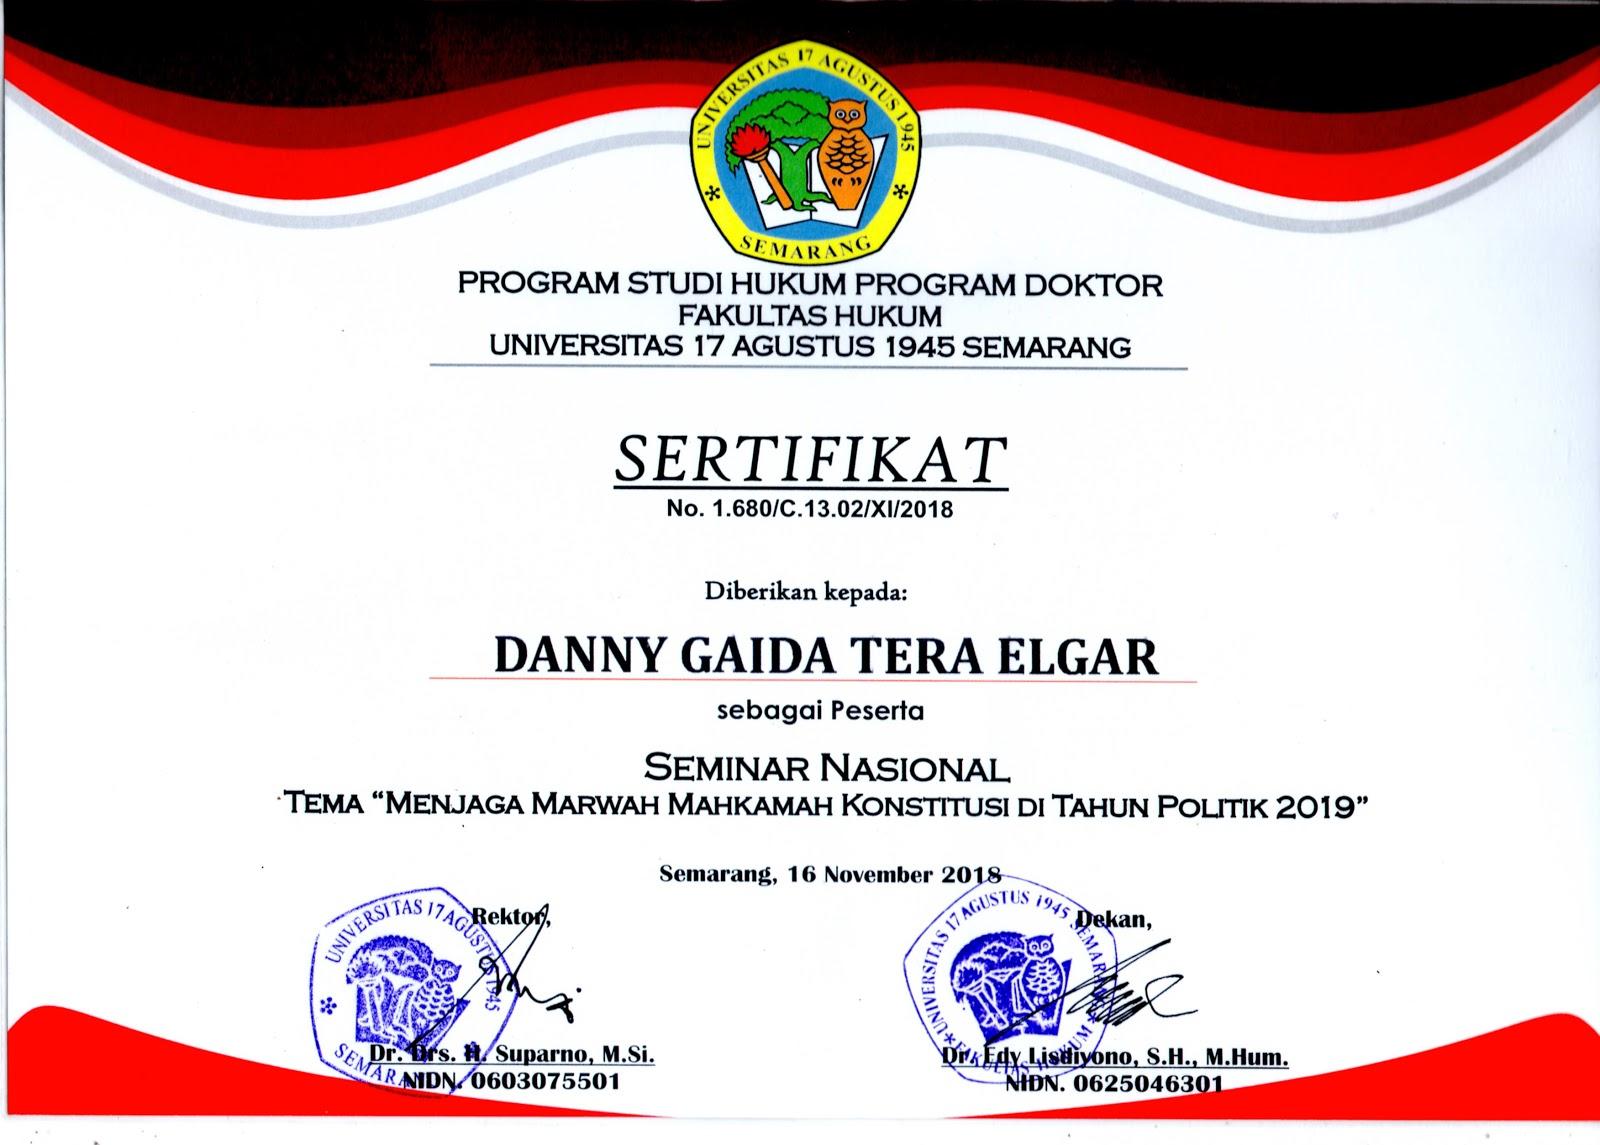 Sertifikat Seminar Nasional 2018 | Fakultas Hukum Universitas 17 Agustus 1945 (UNTAG) Semarang